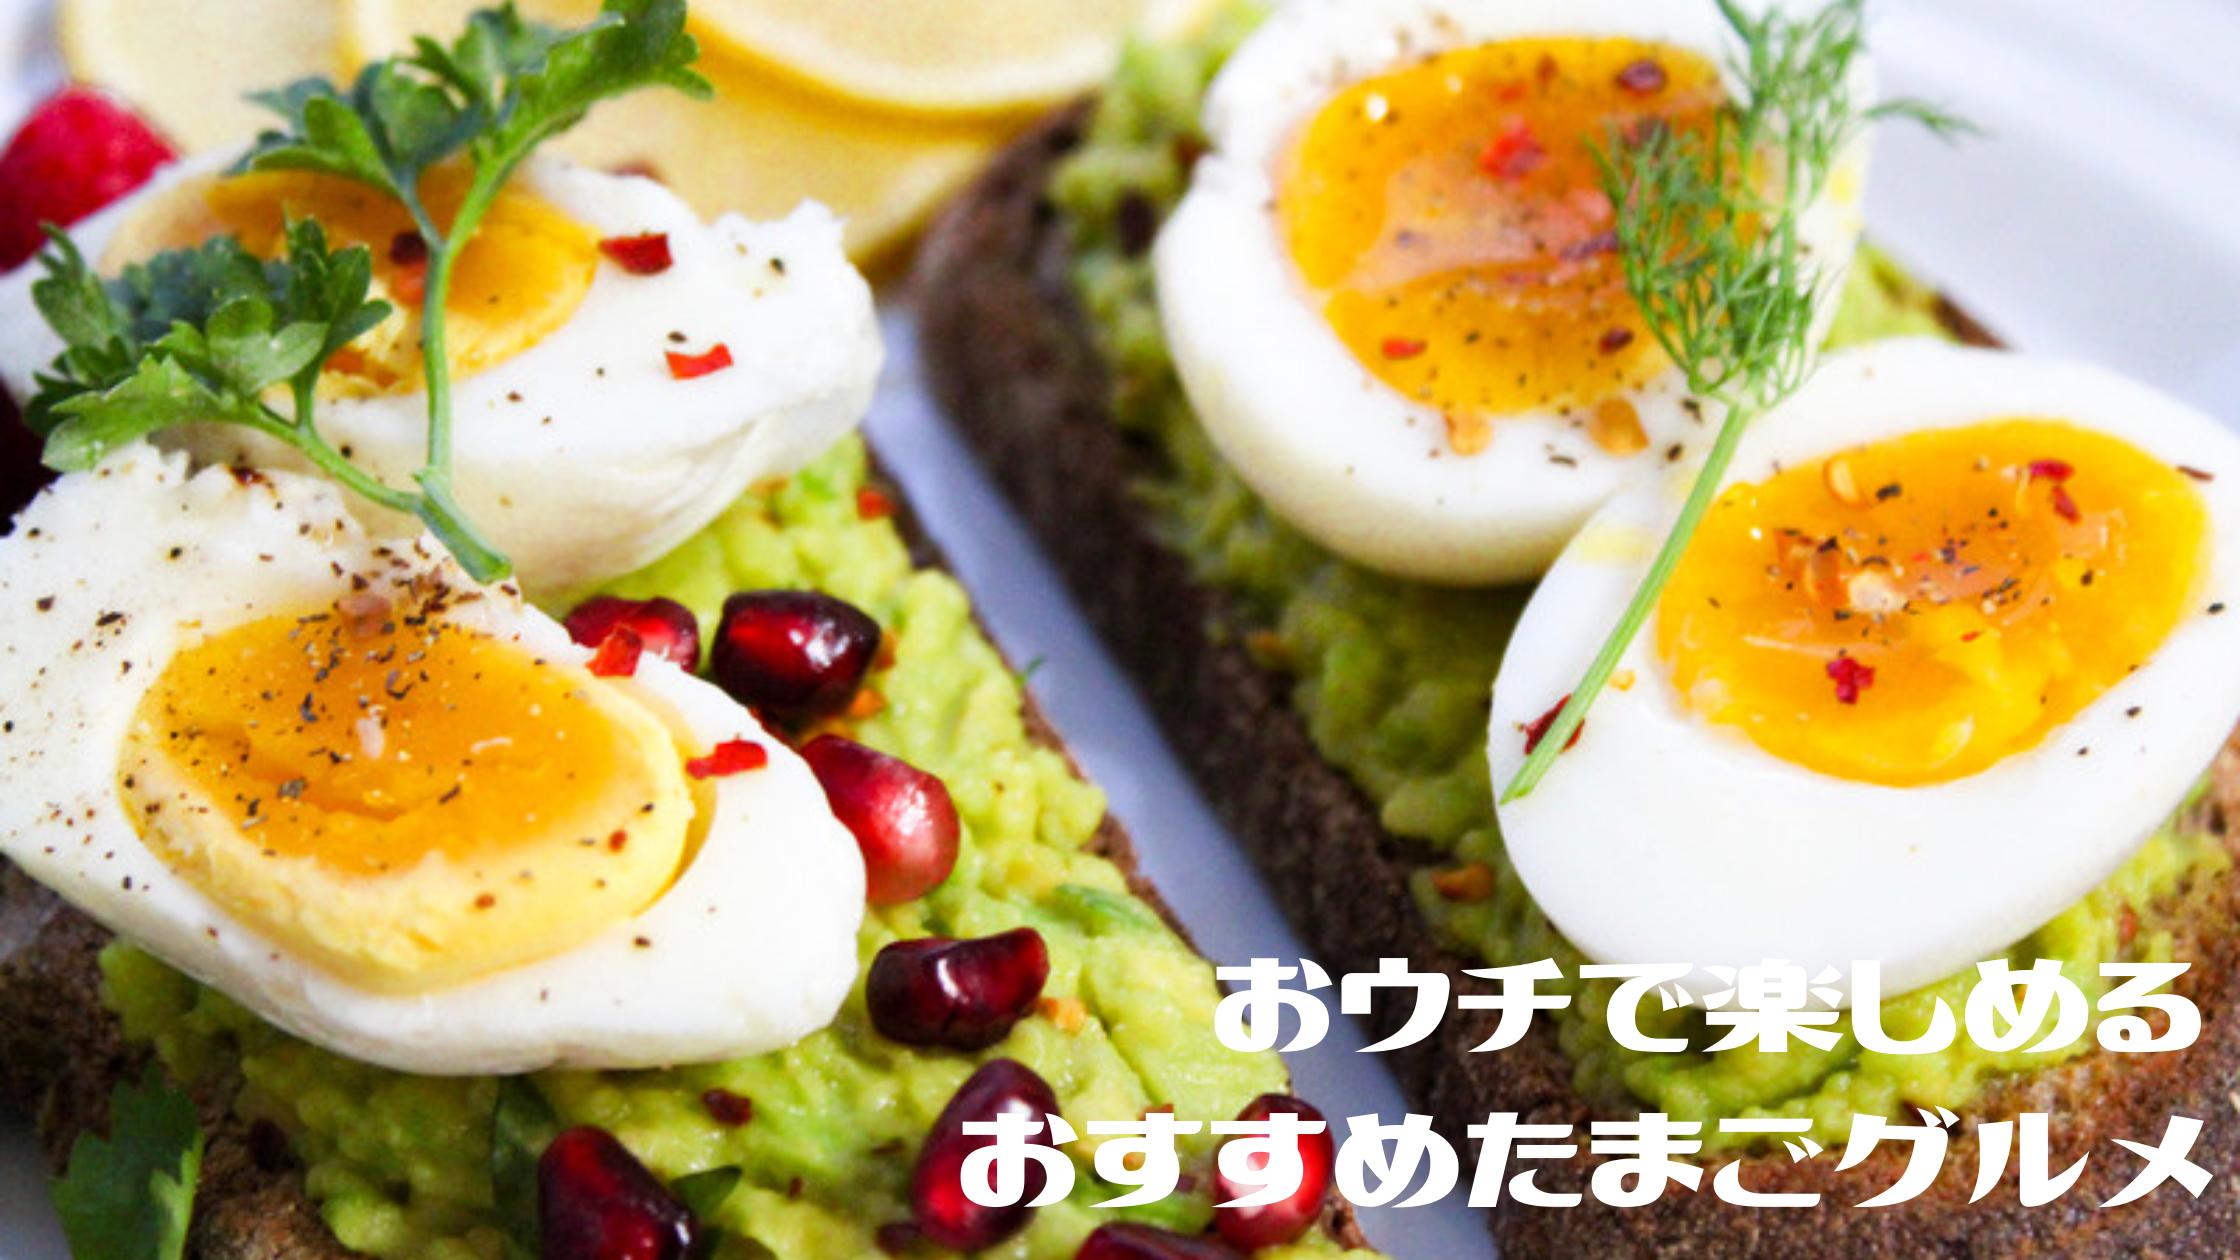 【たまごグルメ】『イカと卵の絶妙コラボ』『濃厚で甘いタマンゴ』『竹鶏のくんたま』おつまみからデザートまで人気のたまごグルメ